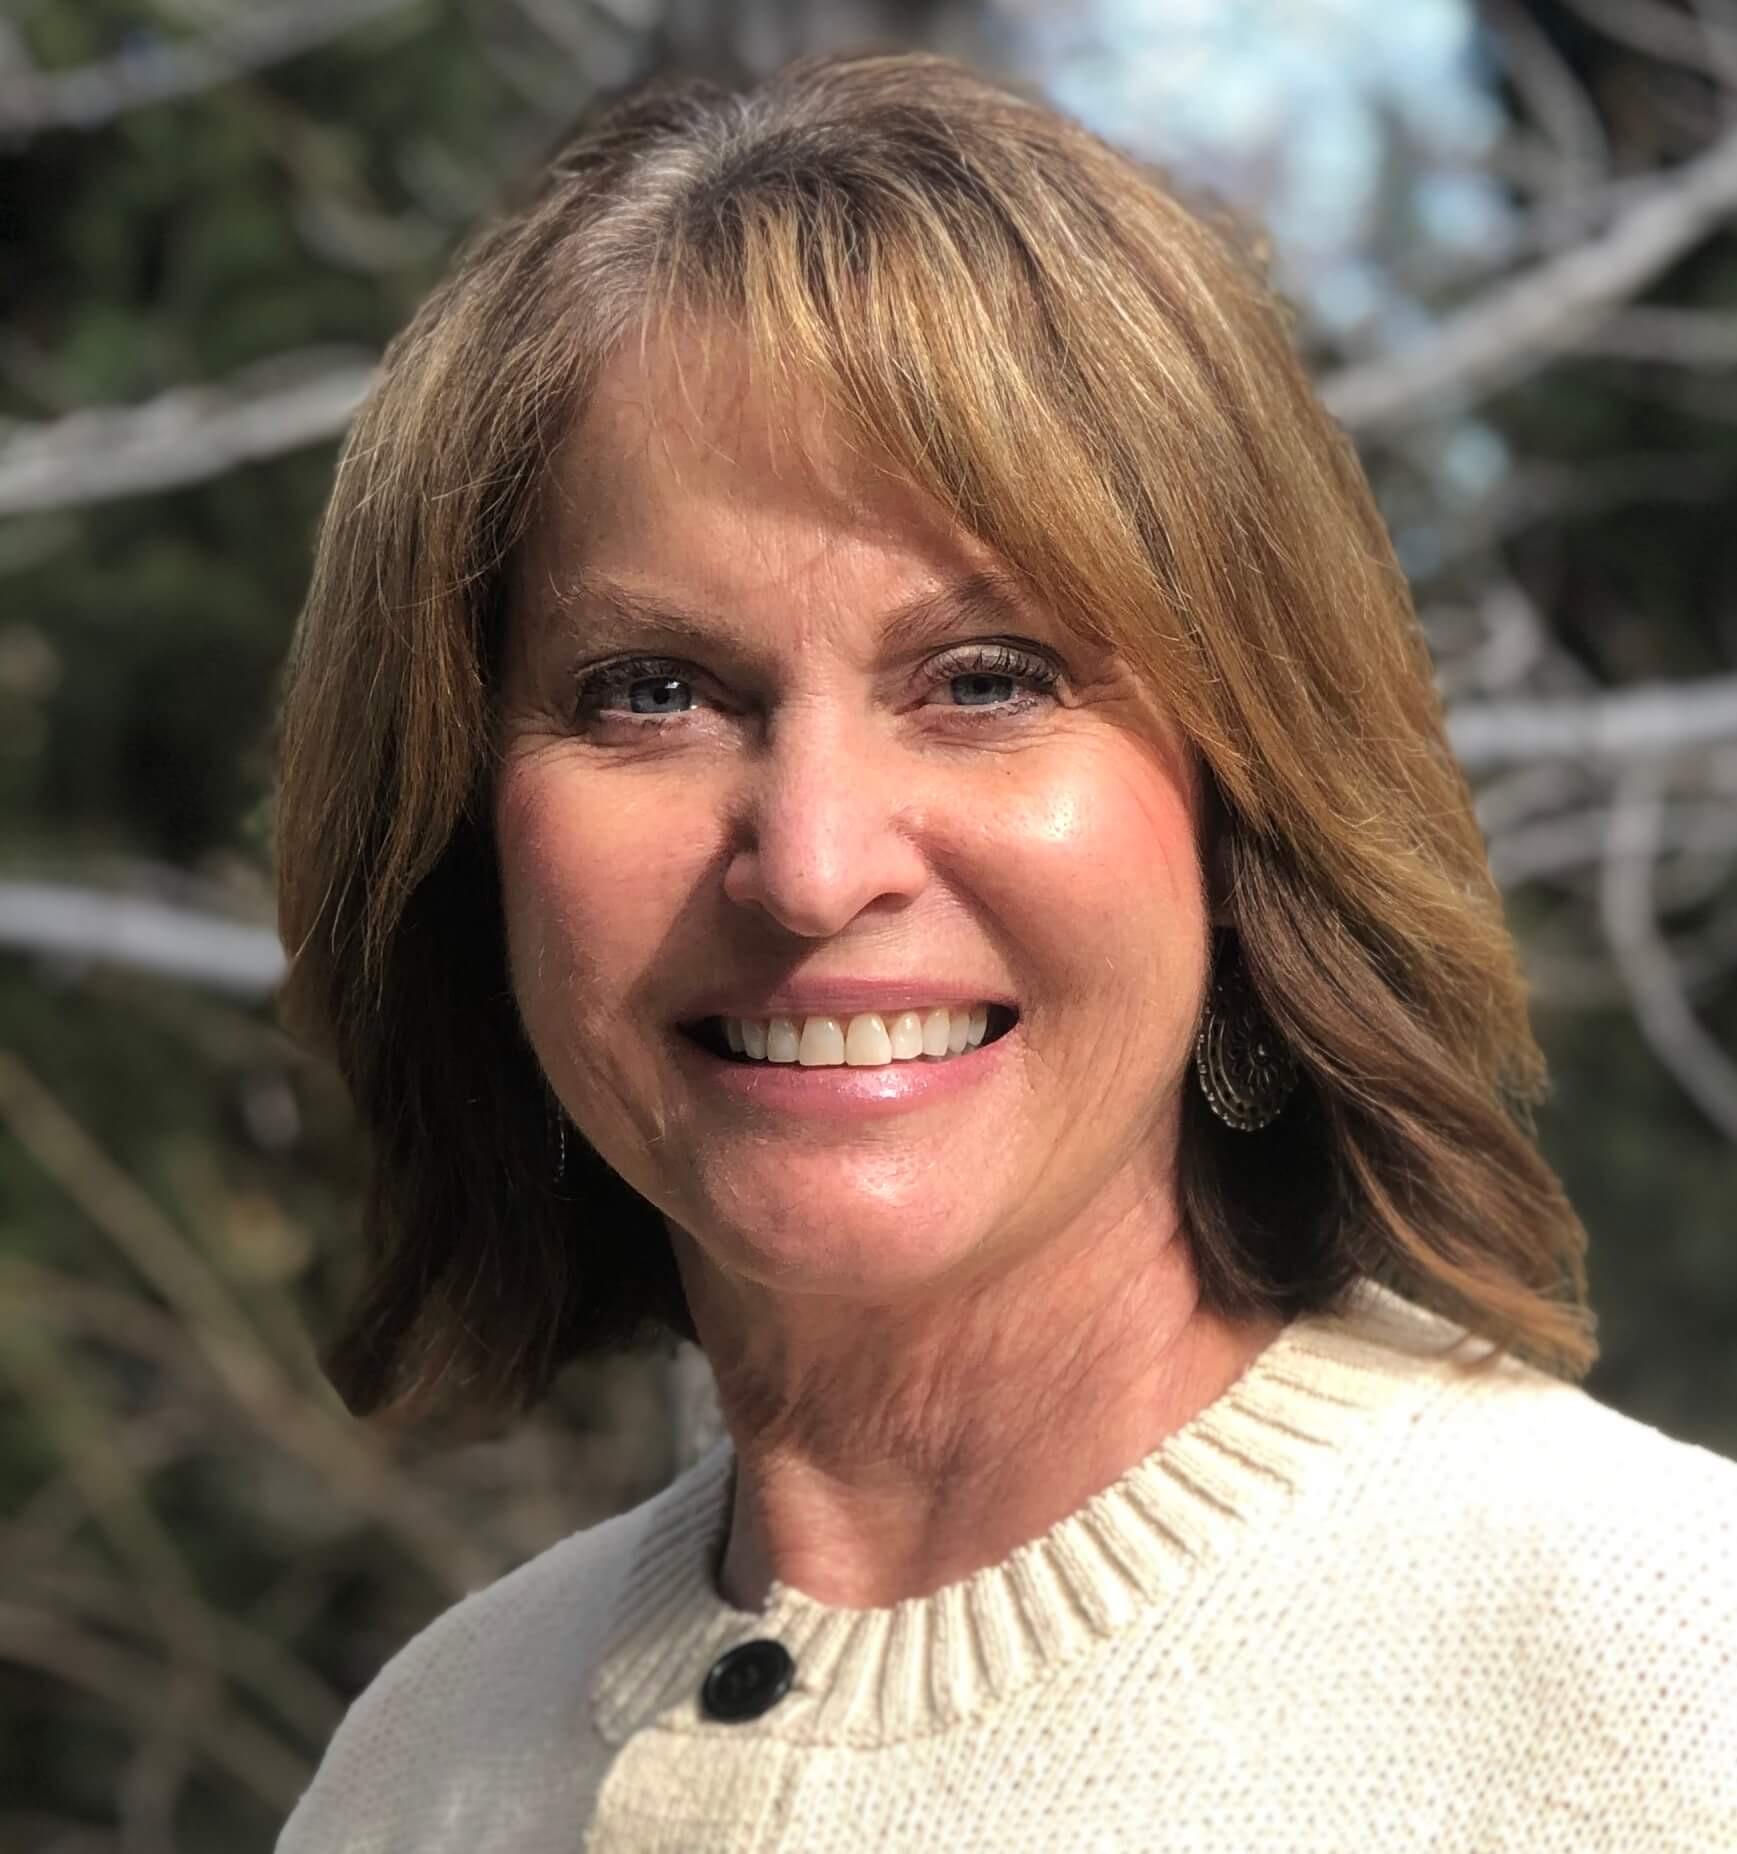 Julie Apathy